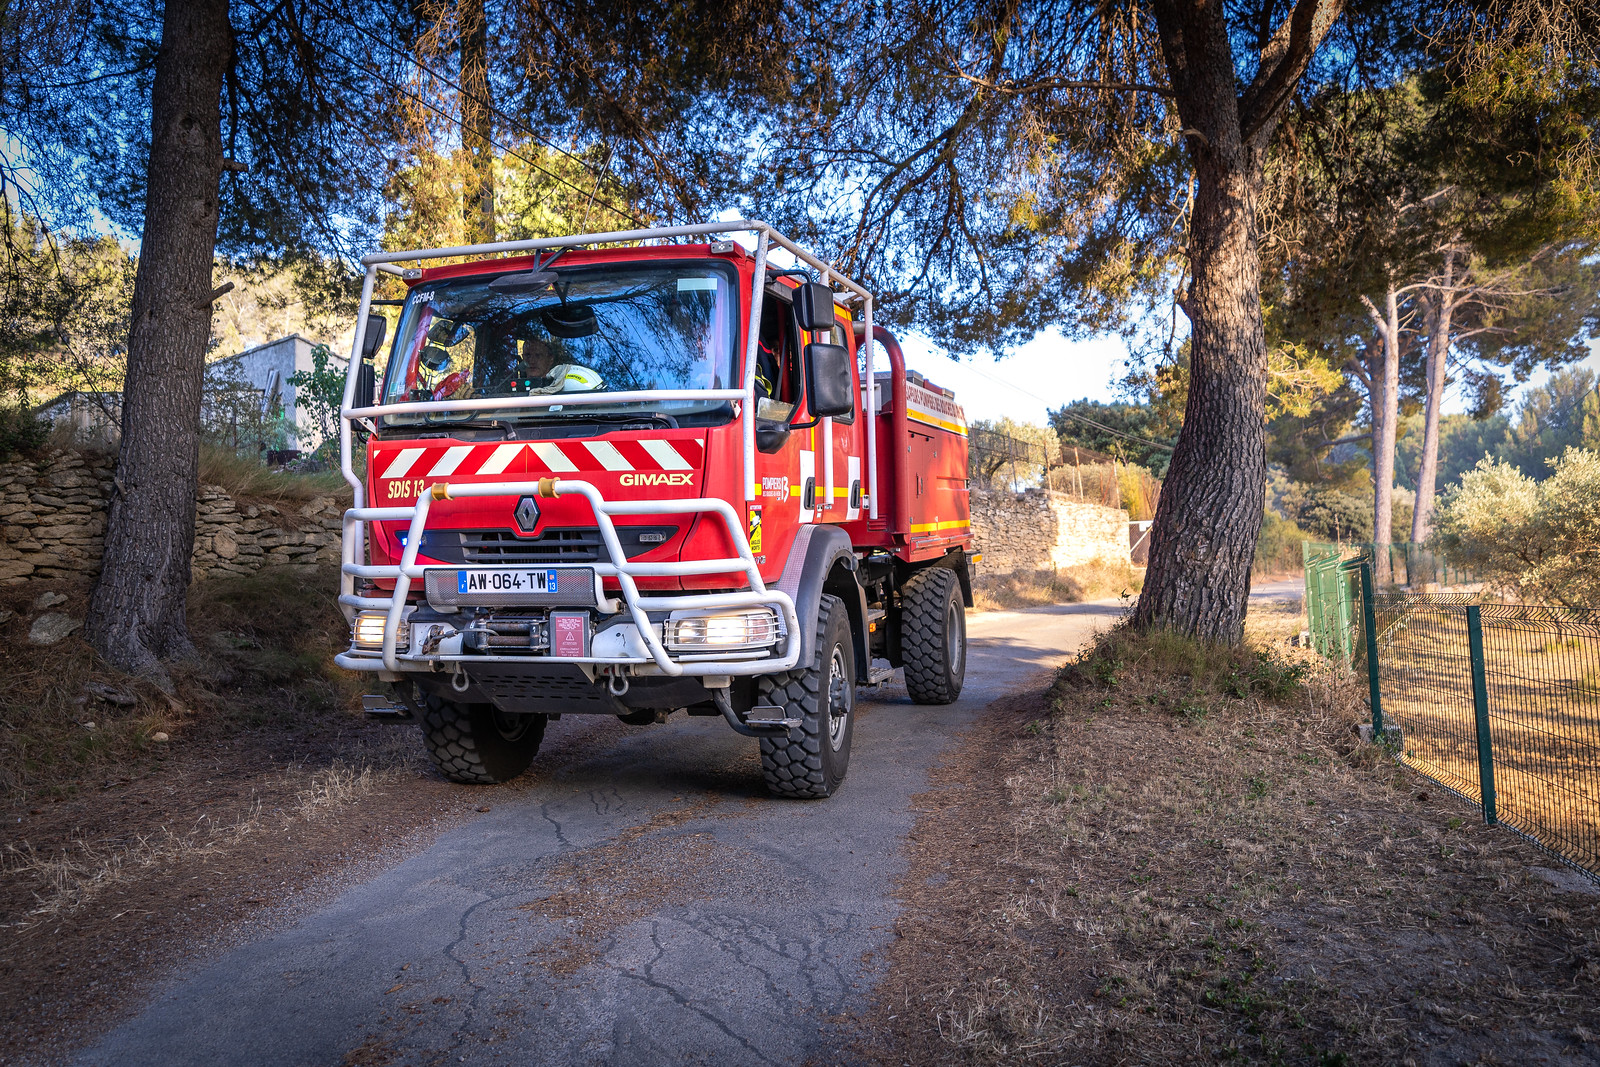 Opérations : l'été démarre fort pour les Pompiers13